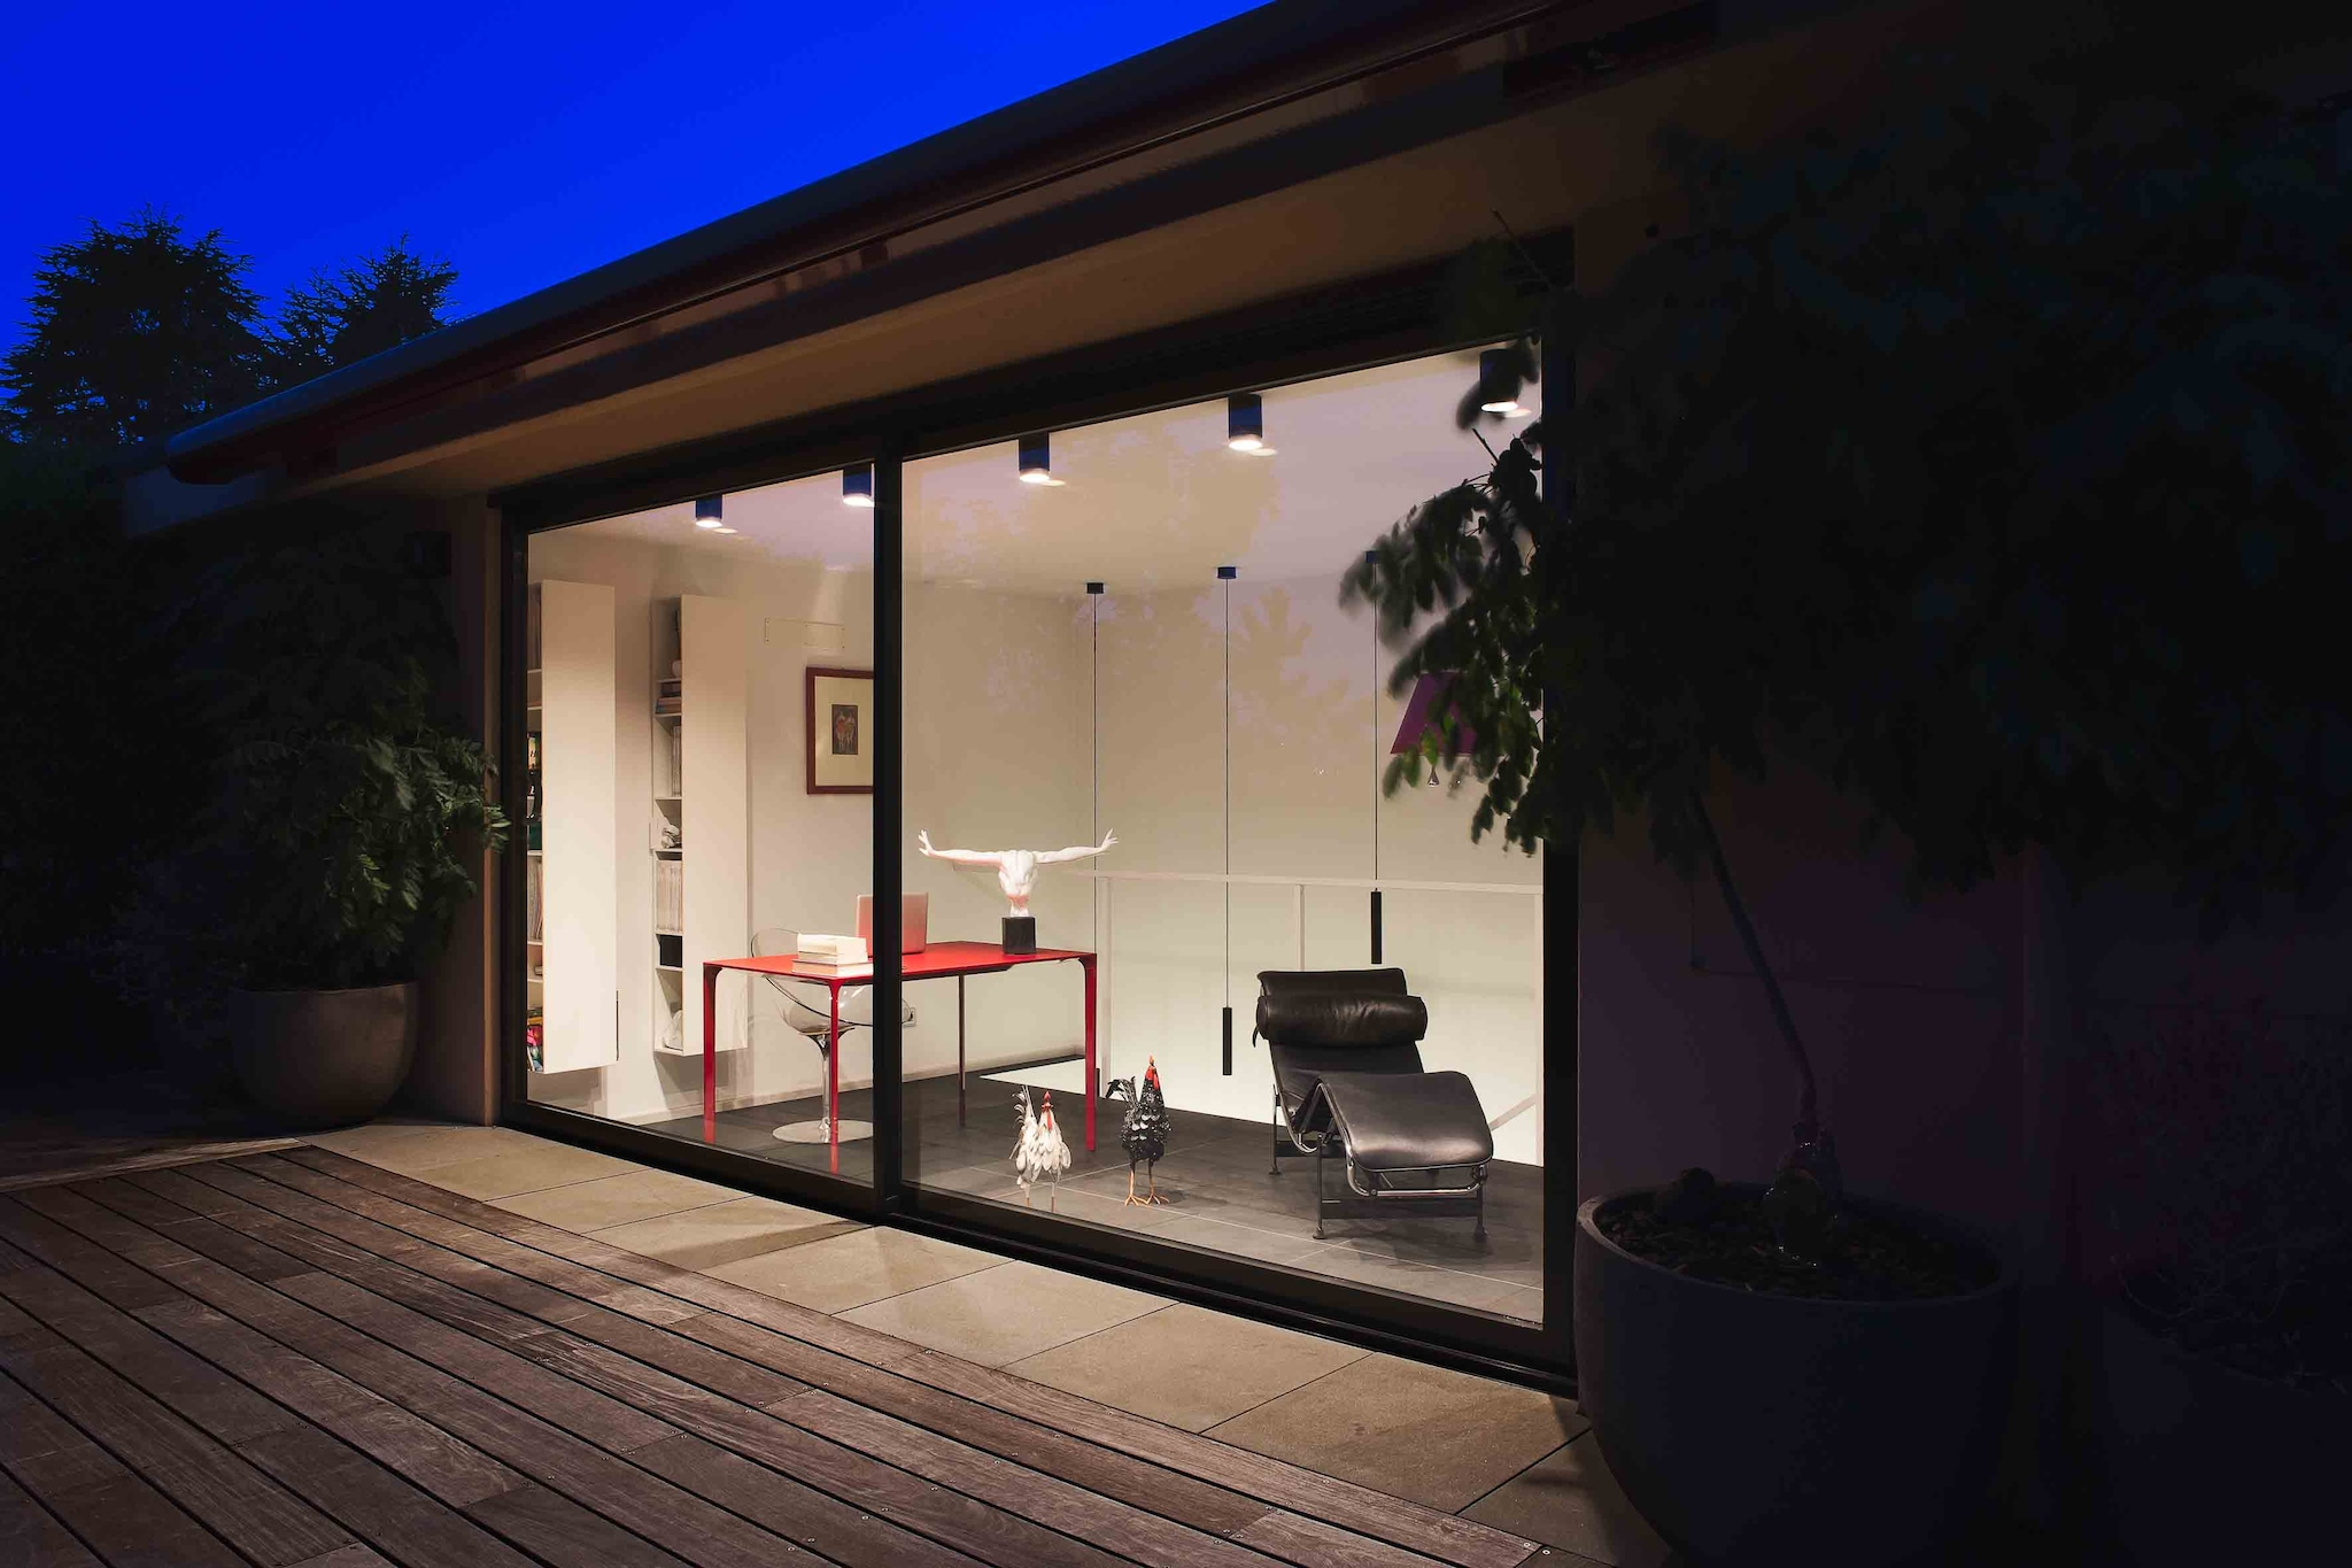 La portafinestra alza e scorri di Essenza per un prestigioso progetto residenziale a Bologna